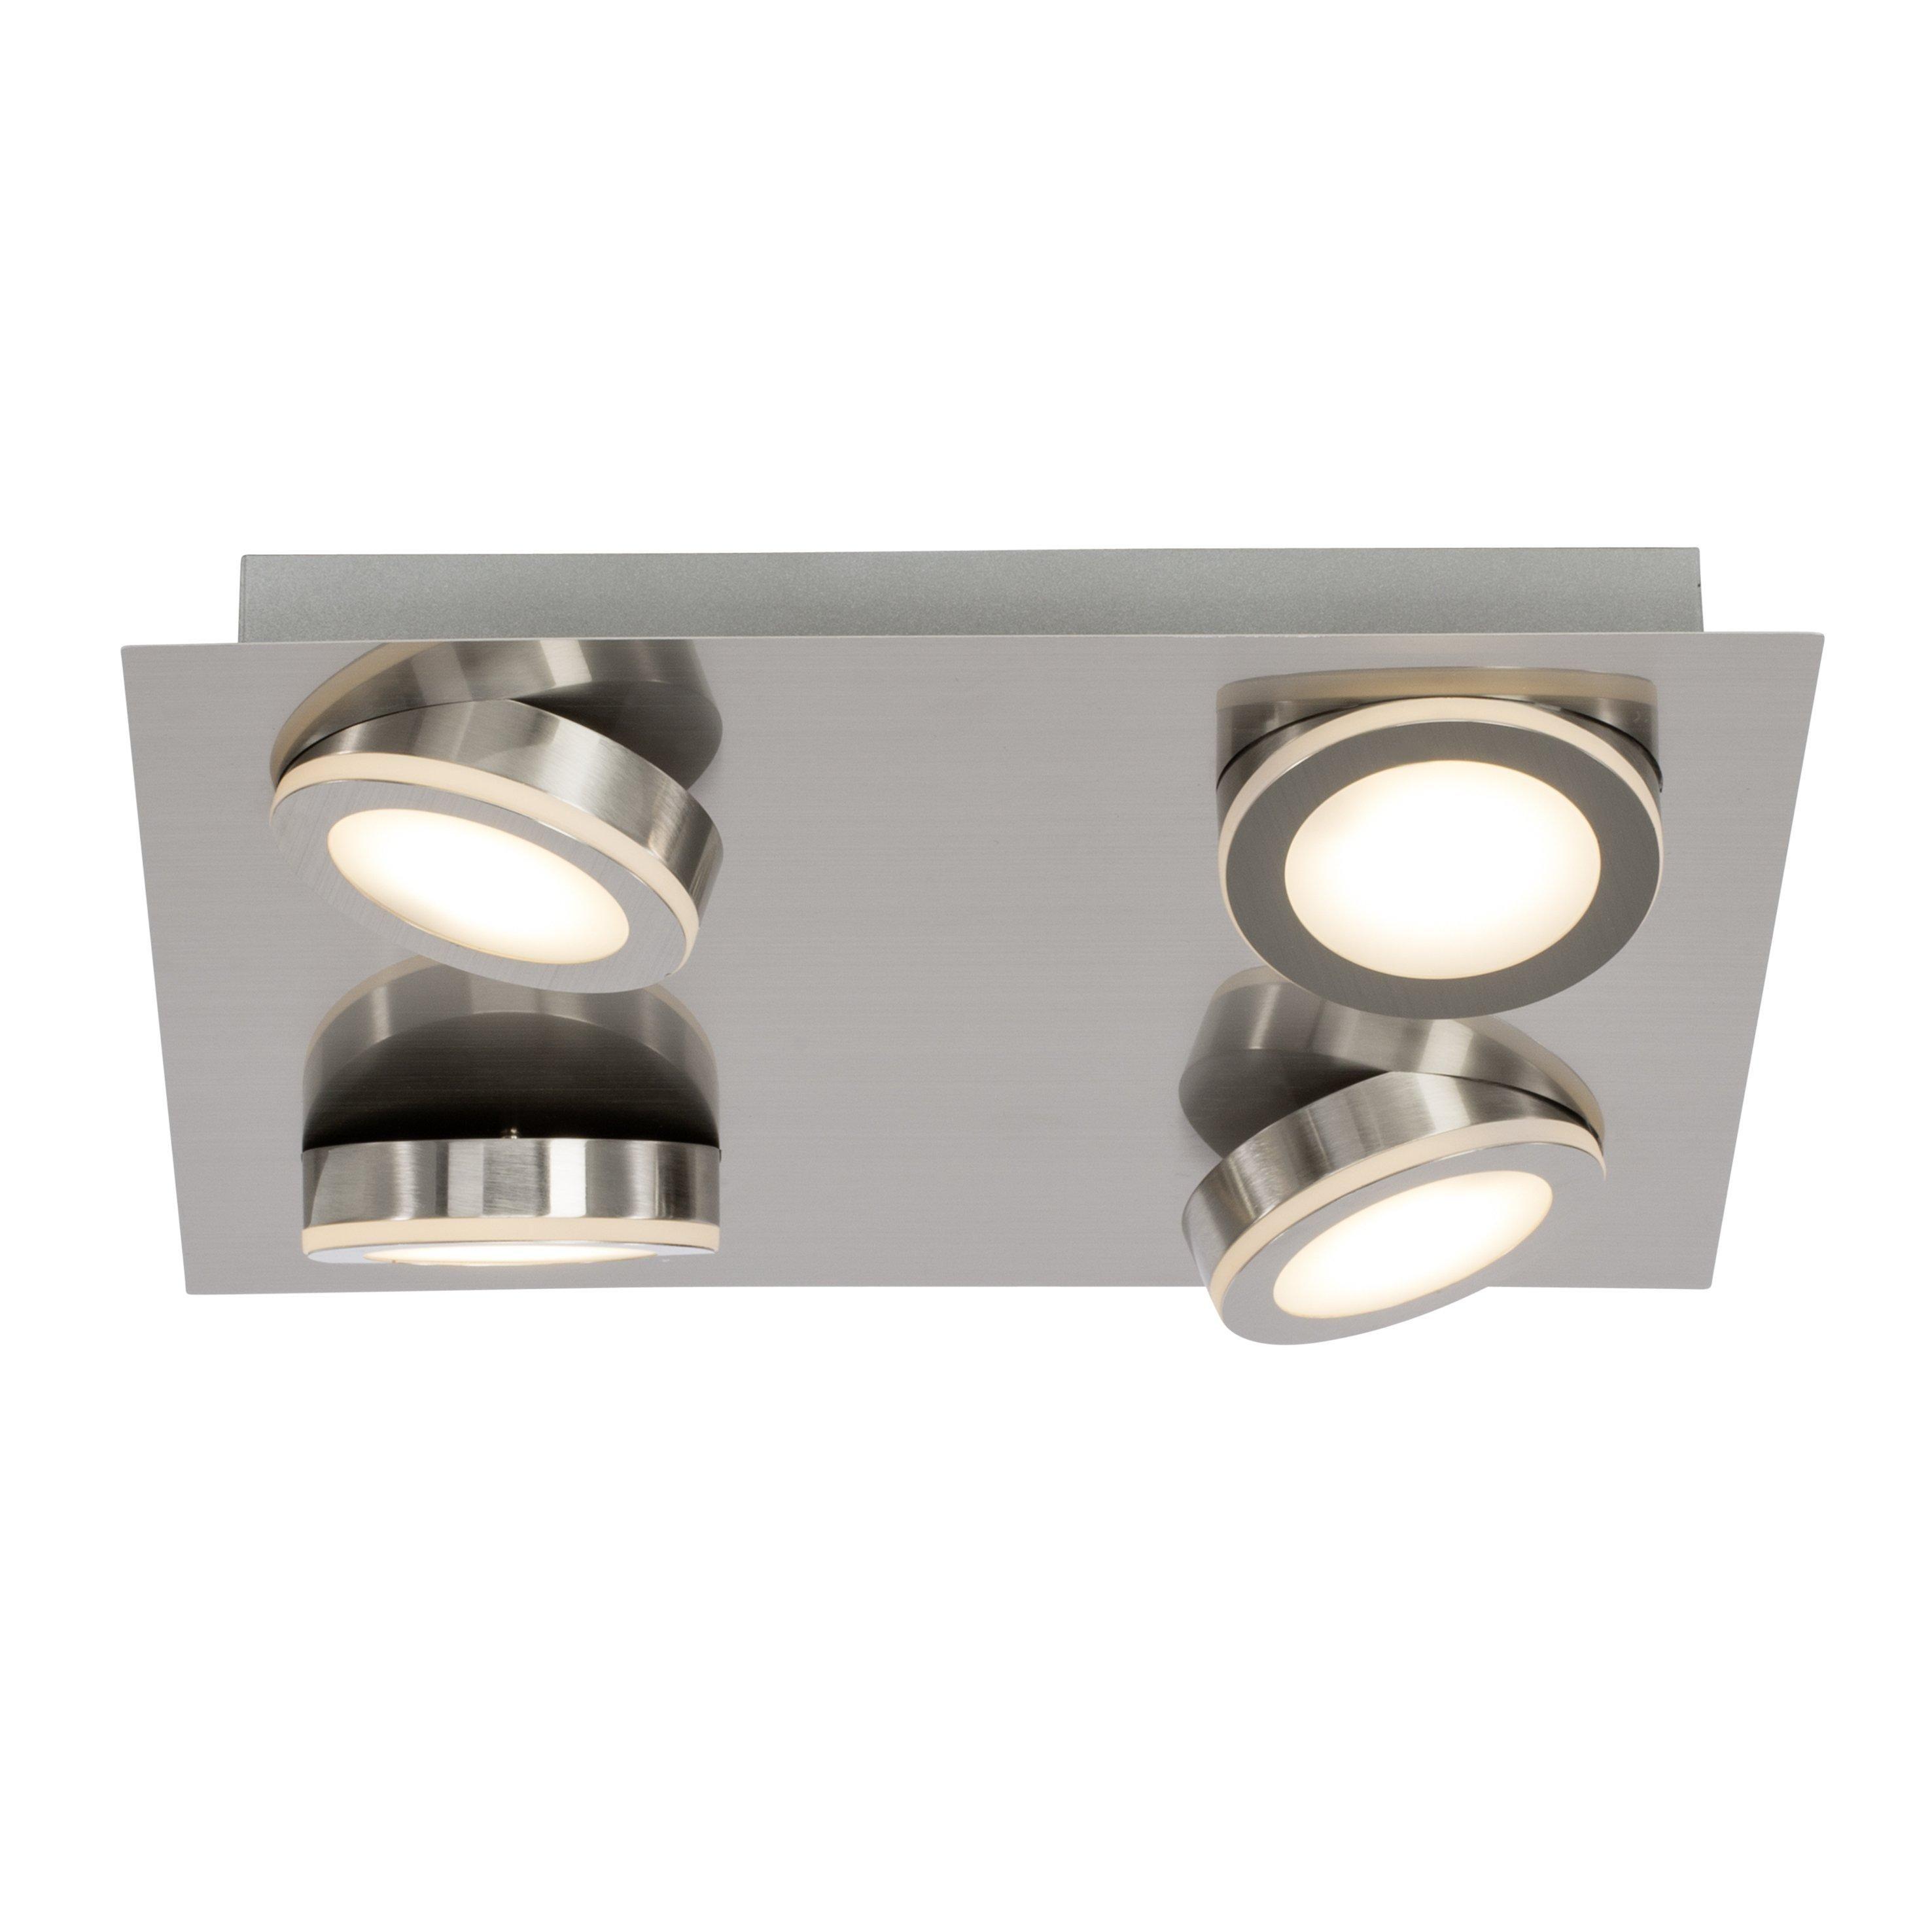 Deckenlampe, Brilliant Leuchten | Deckenlampe